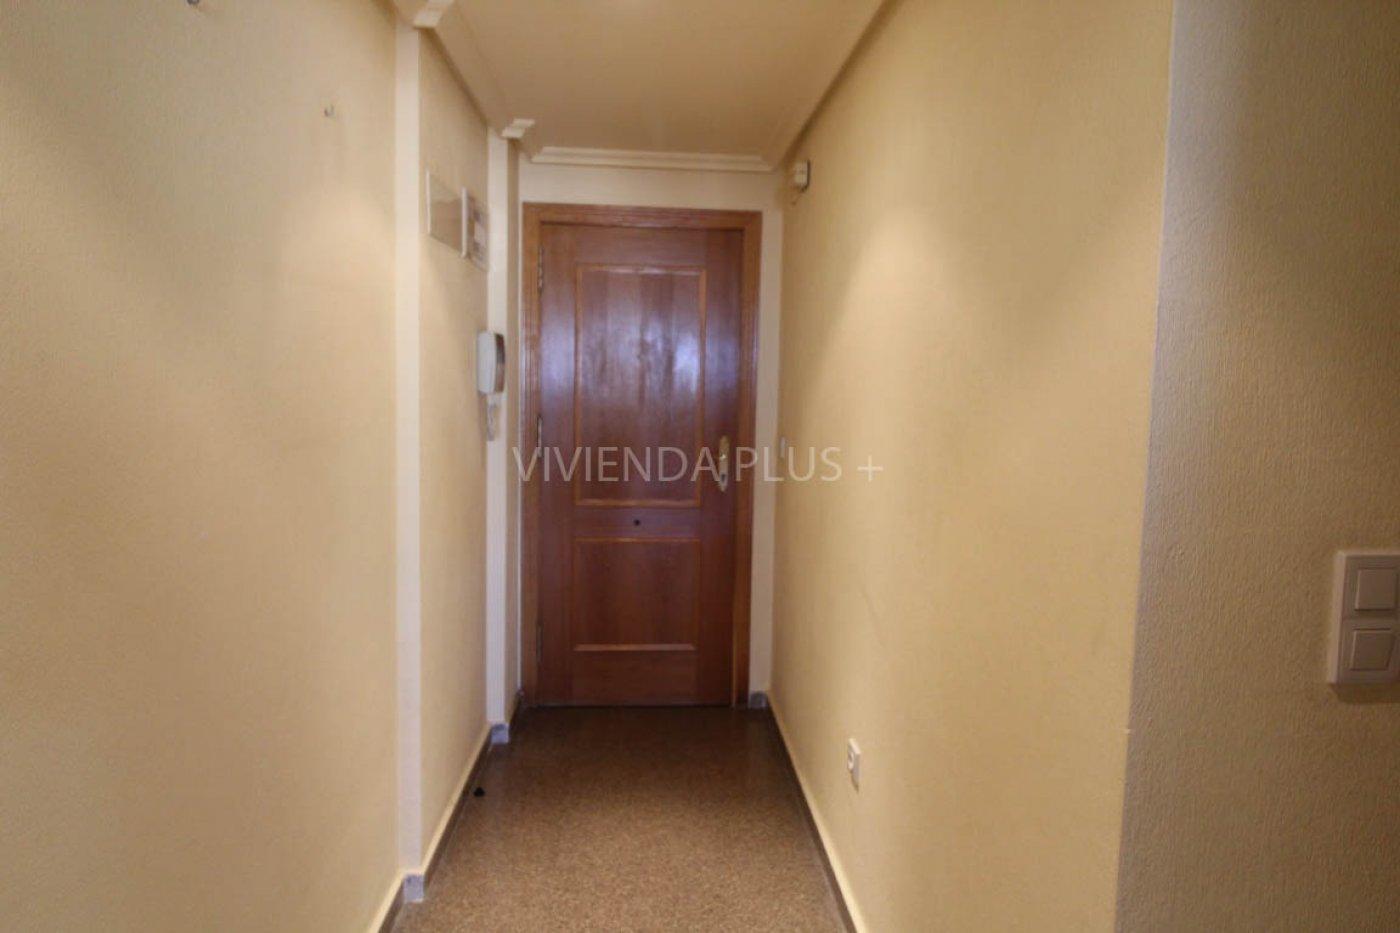 piso de tres dormitorios en Altabix con ascensor buena orientacion